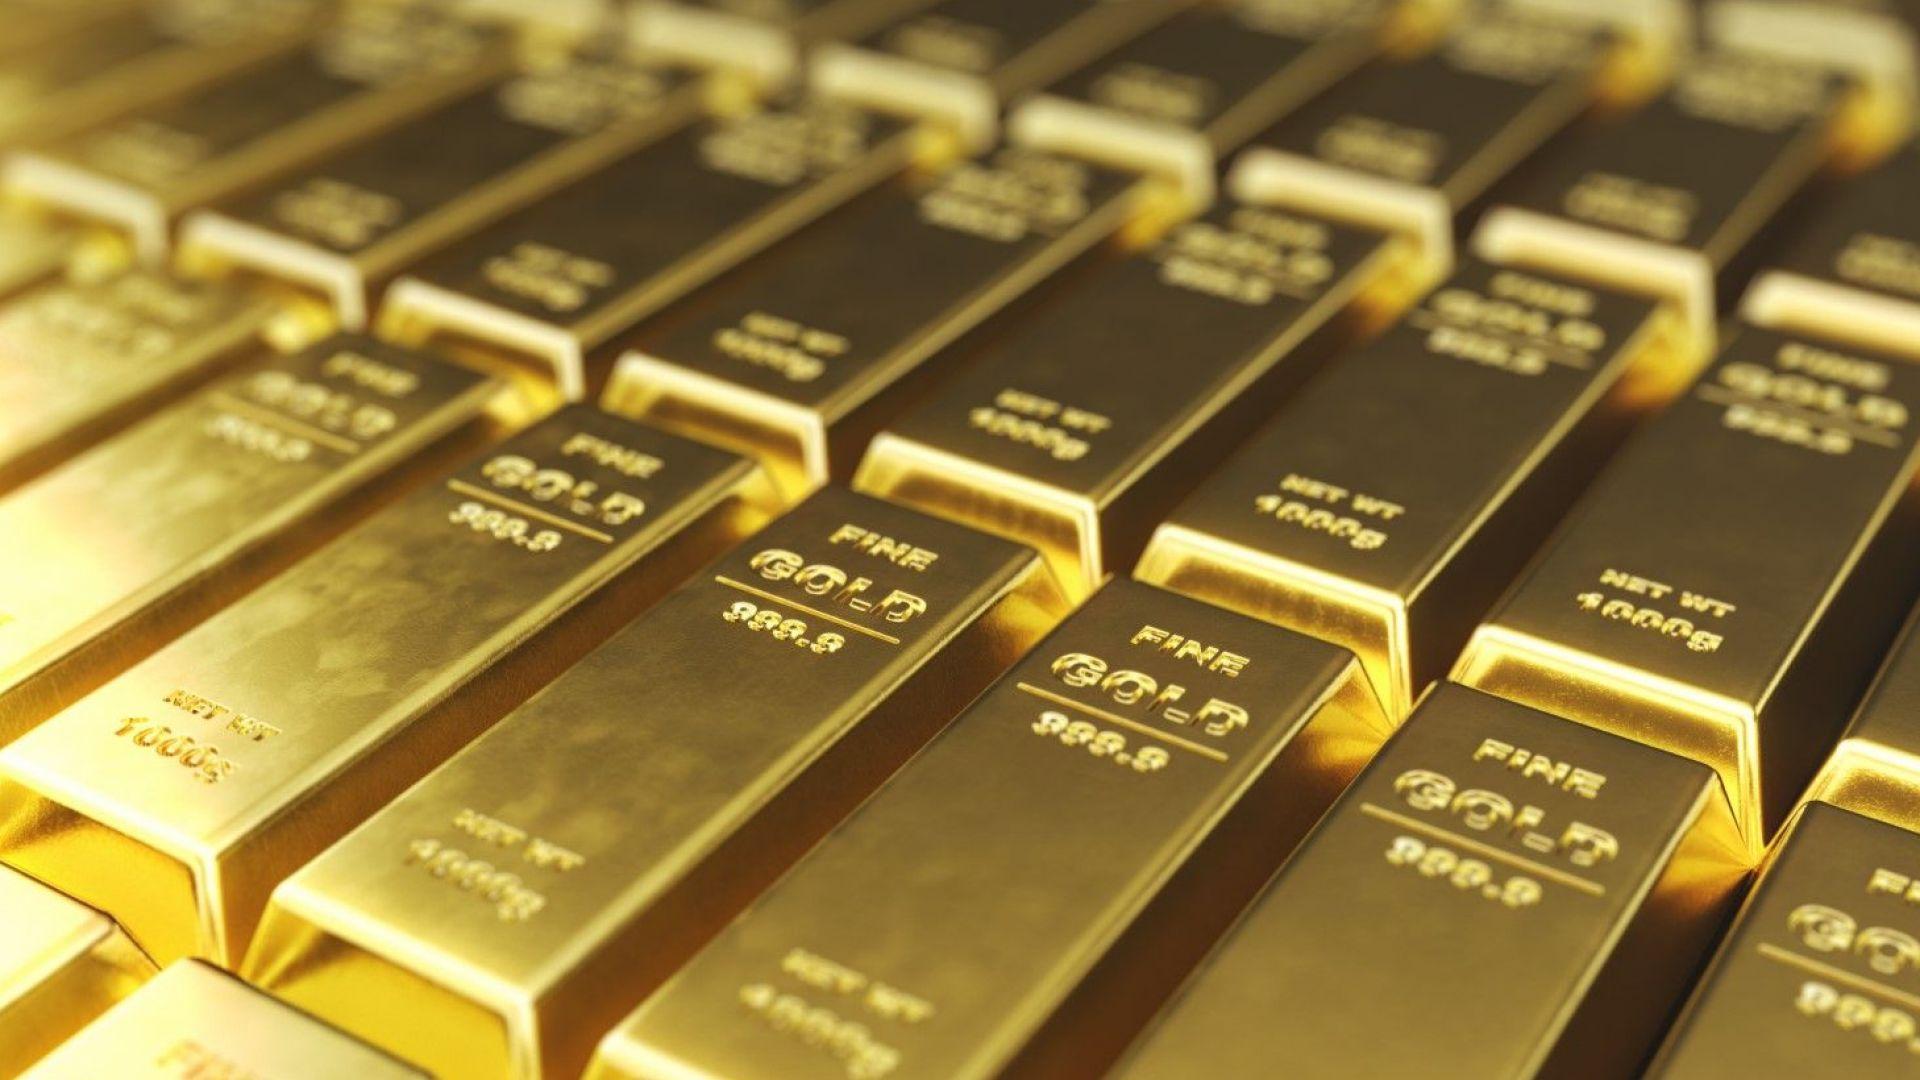 Златото прескочи $1700 за тройунция за първи път от края на 2012-а